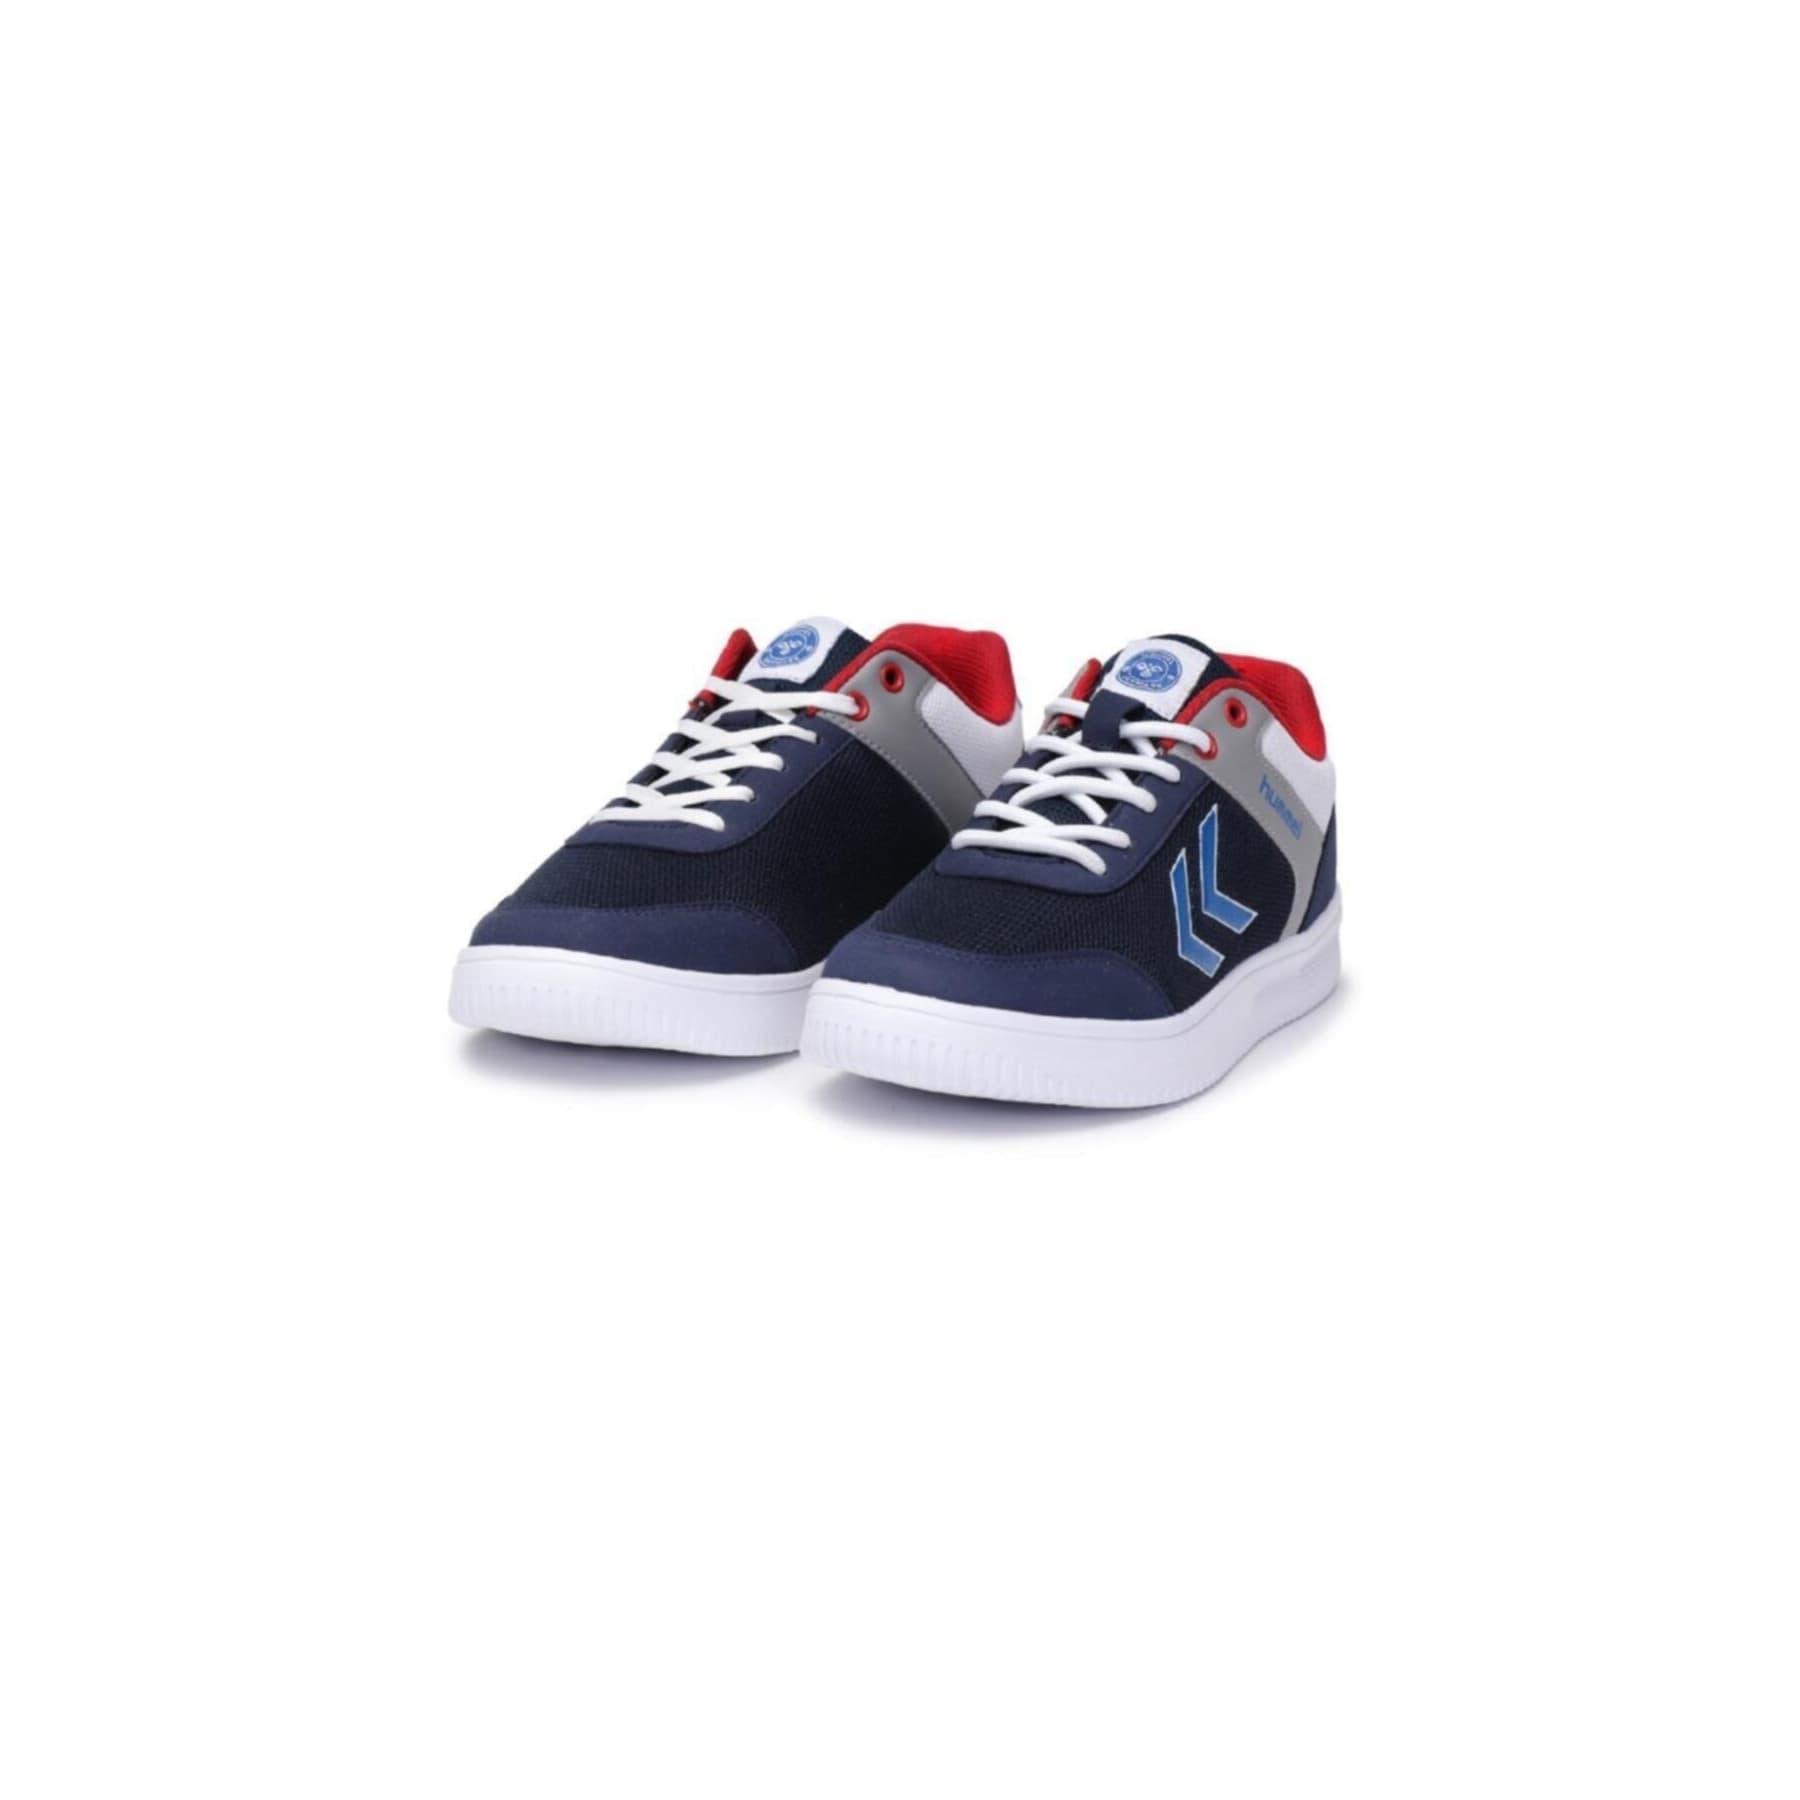 Access Erkek Siyah Spor Ayakkabı (212509-1009)